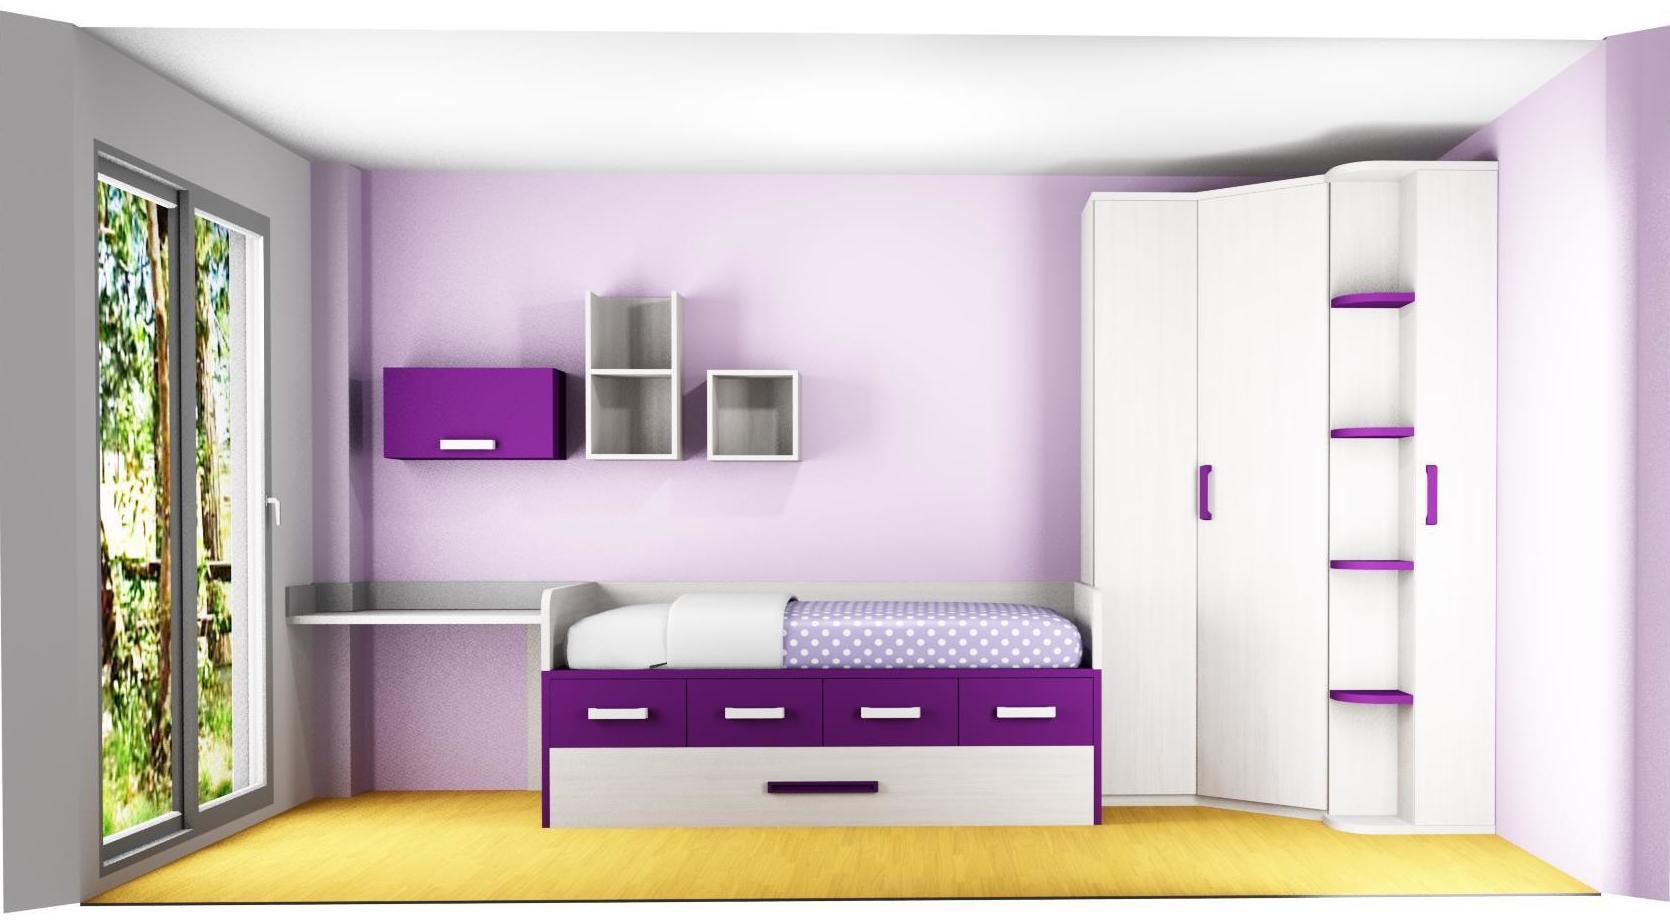 Foto 138 de tienda de muebles en lleida capiton mobles - Mobles a lleida ...